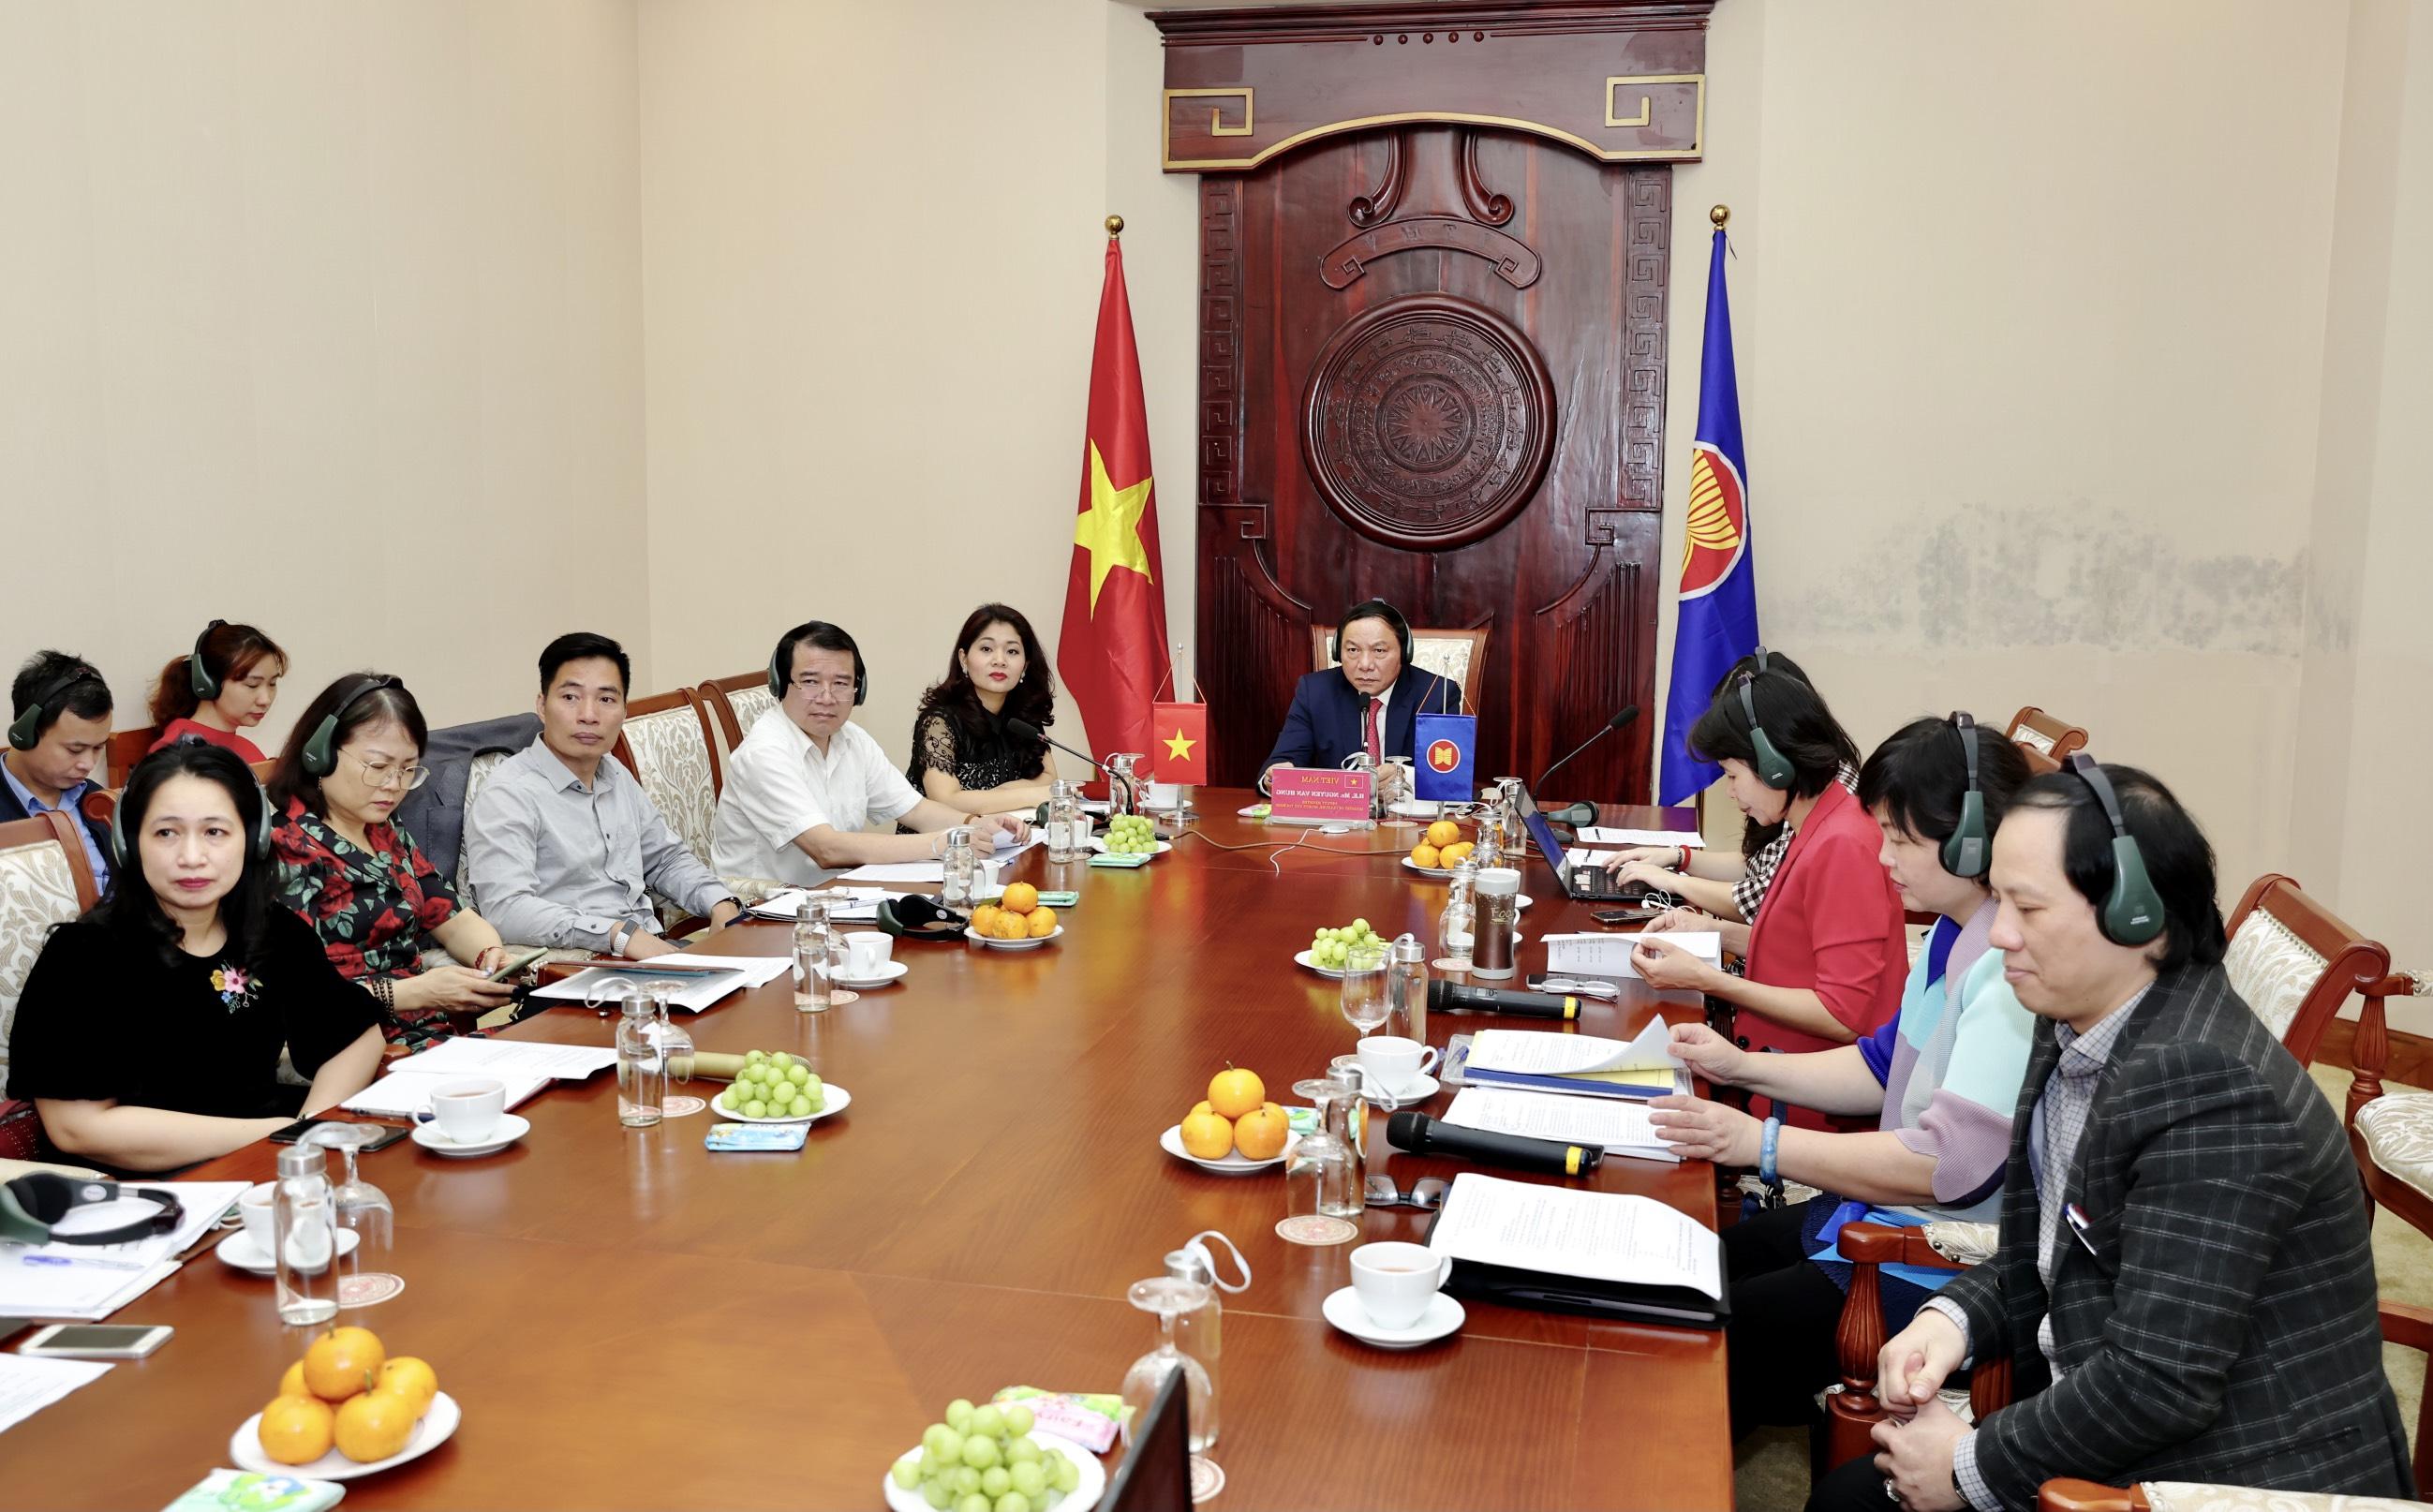 Thứ trưởng Nguyễn Văn Hùng họp trực tuyến với Hội đồng kinh doanh Hoa Kỳ - ASEAN bàn về hợp tác thúc đẩy phục hồi du lịch Việt Nam